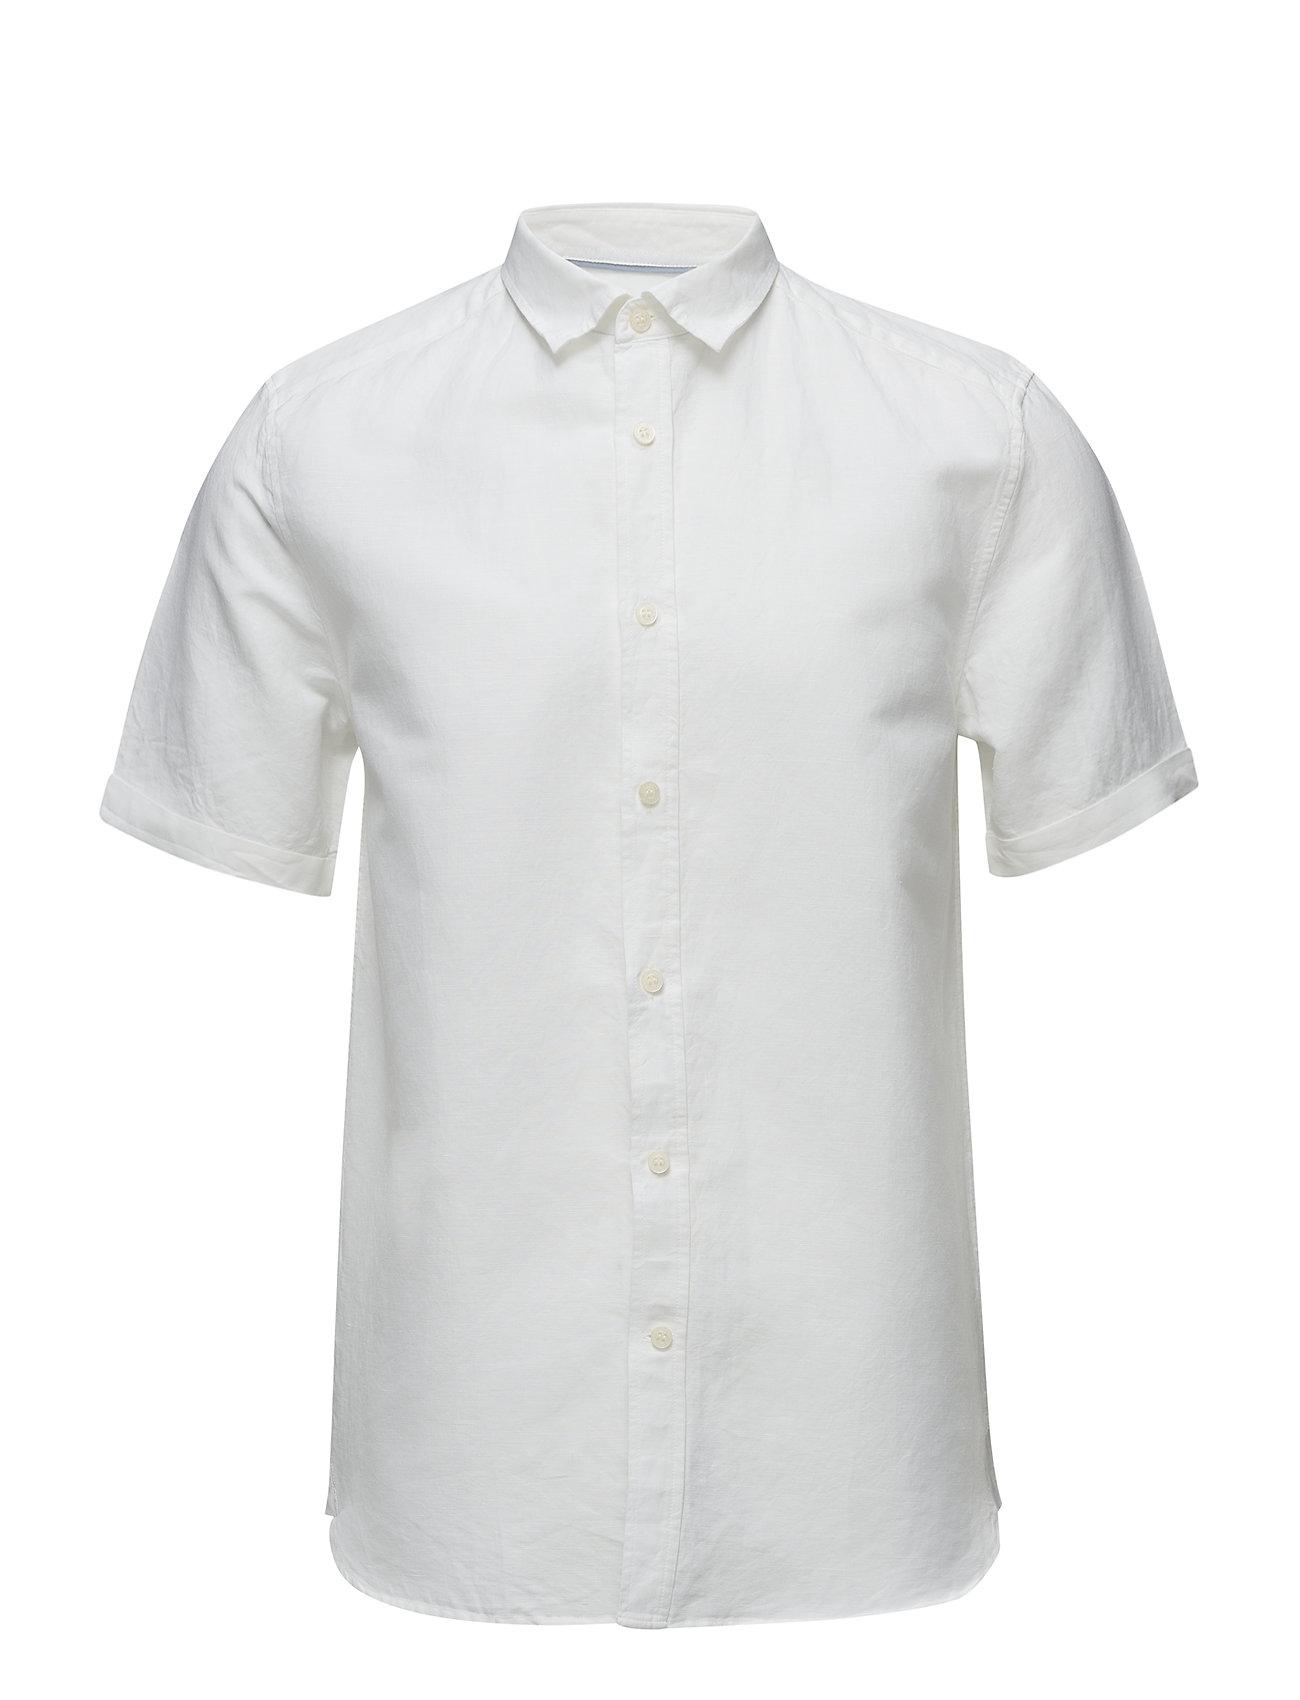 Textured Slub Shirt Lyle & Scott Trøjer til Mænd i hvid